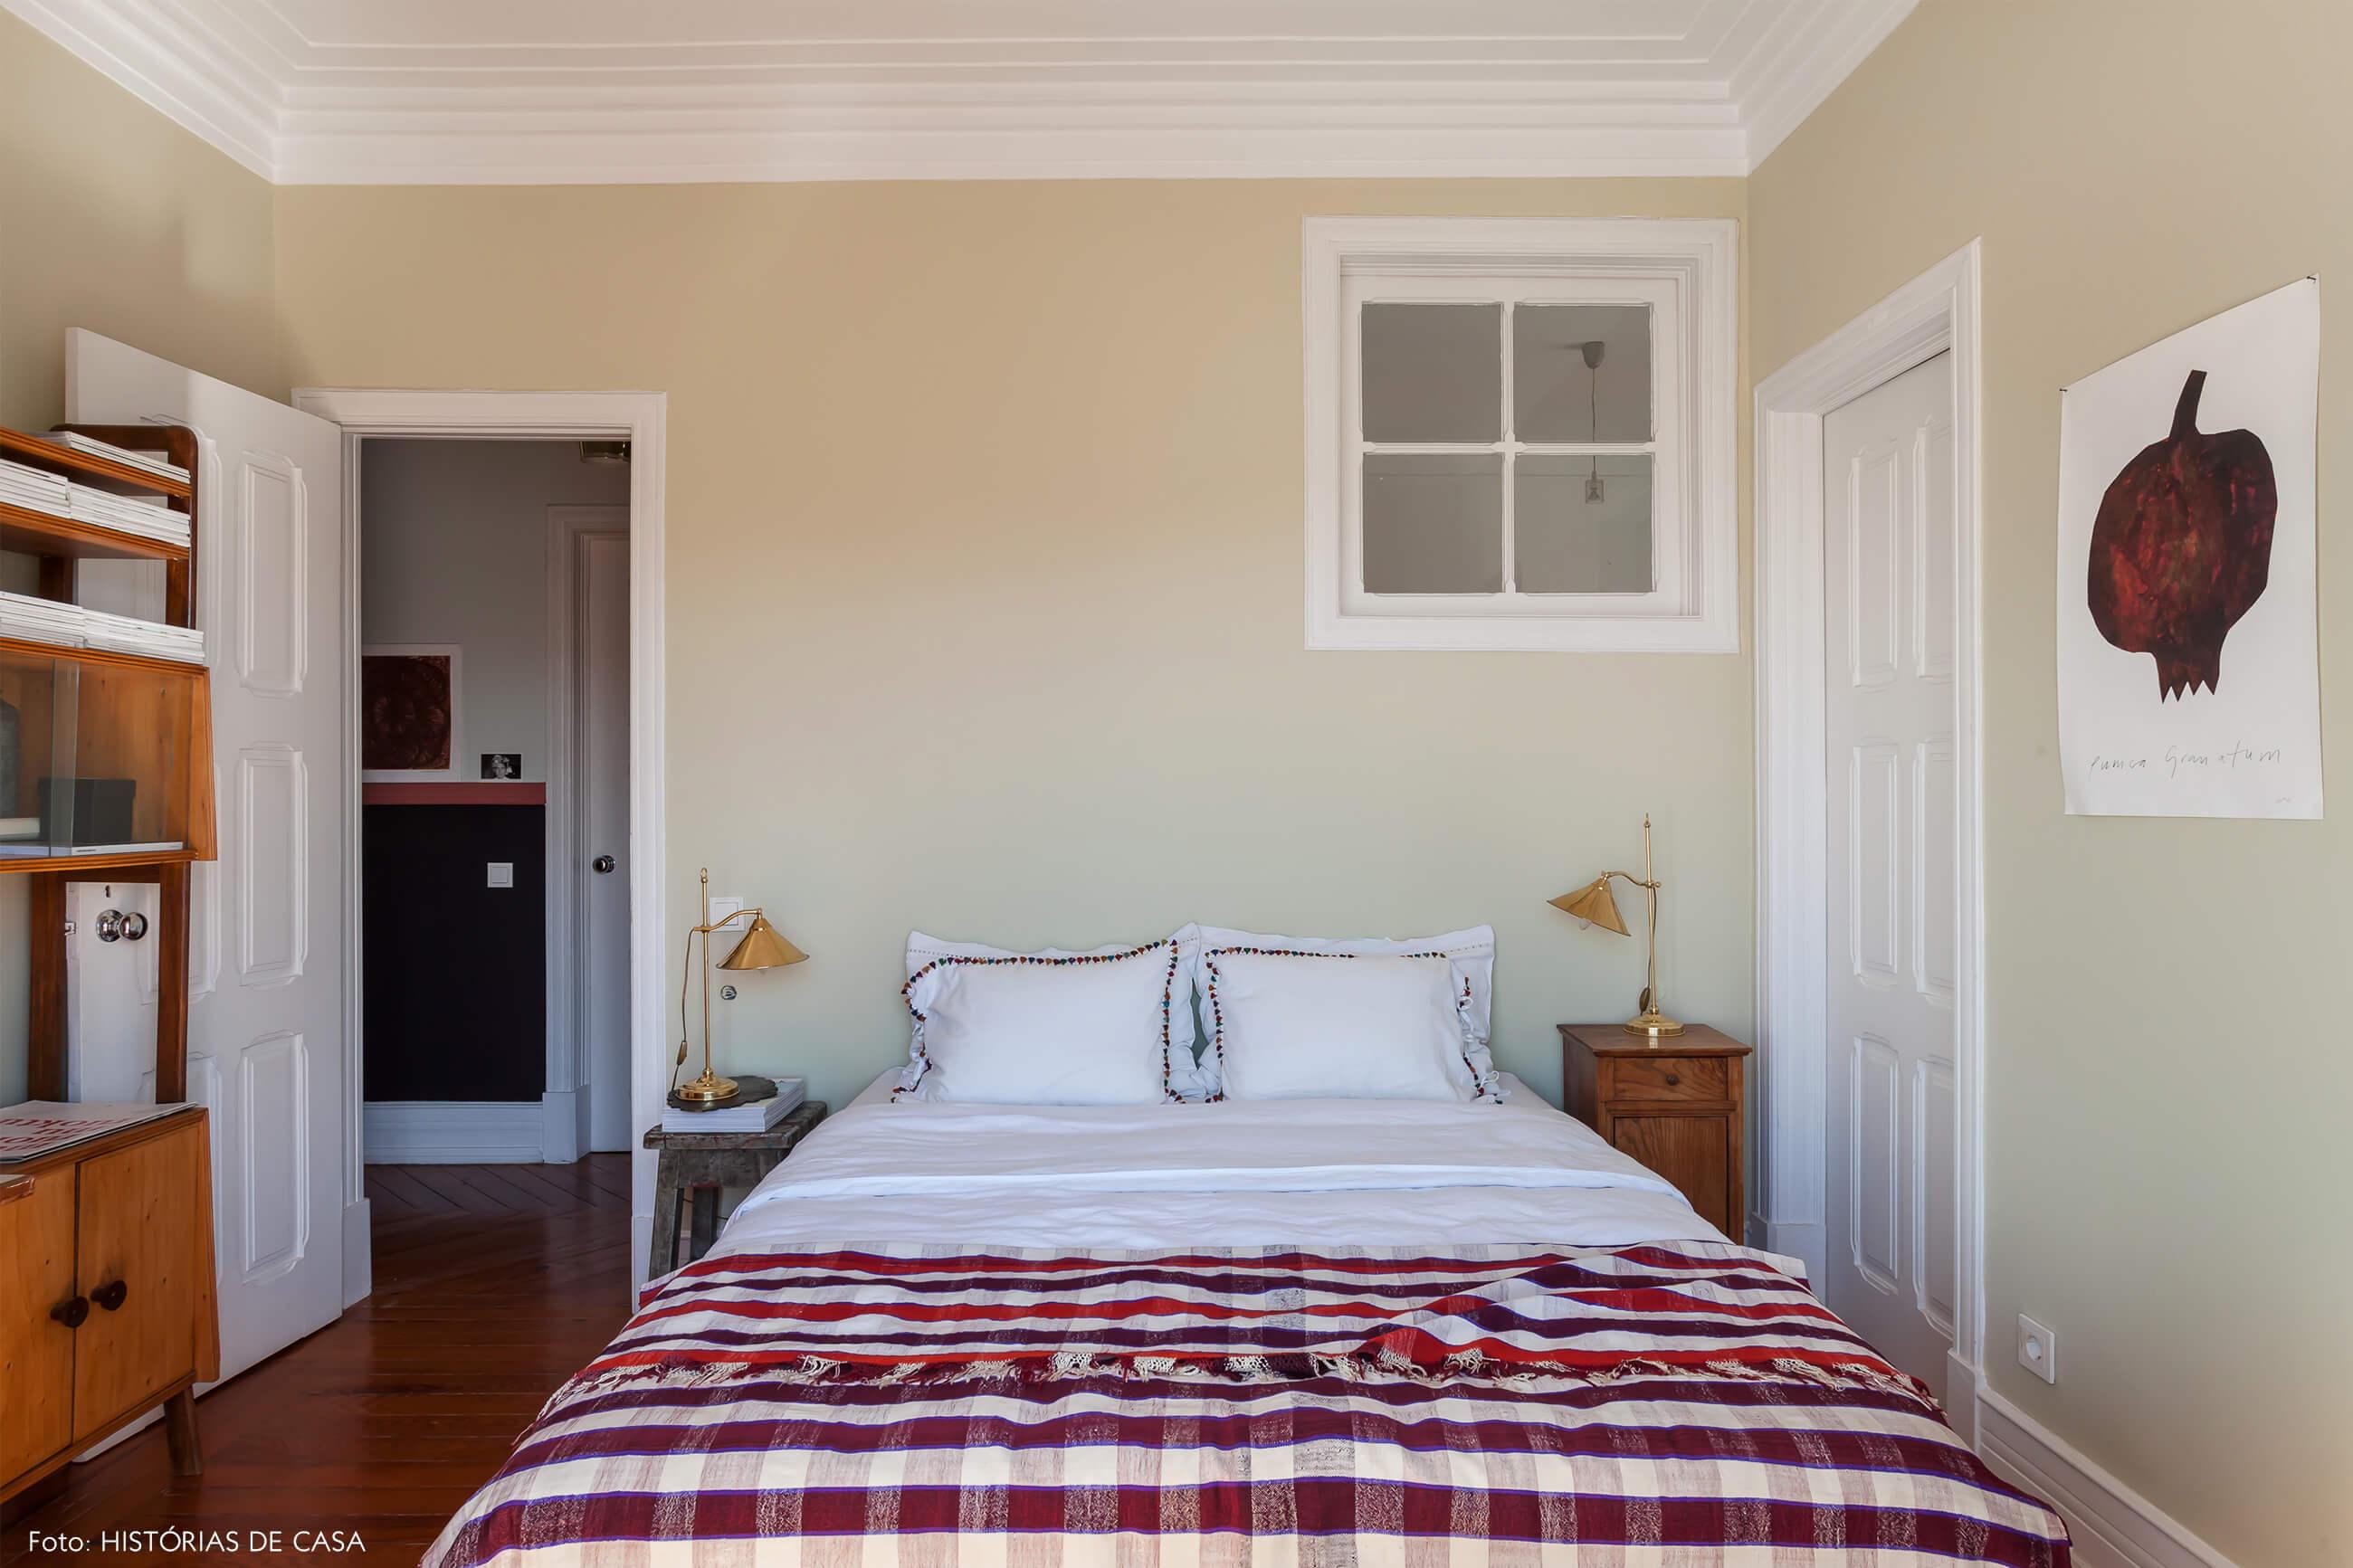 Ap decoração com cama com lençol vermelho parede bege